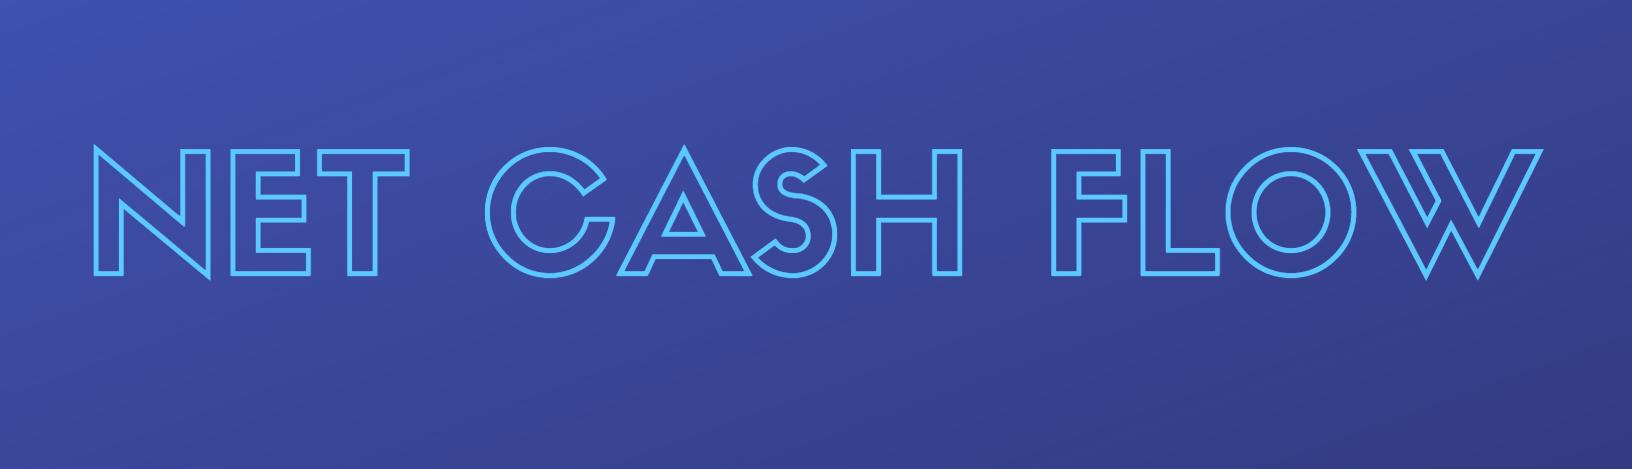 Words Net Cash Flow in block letters